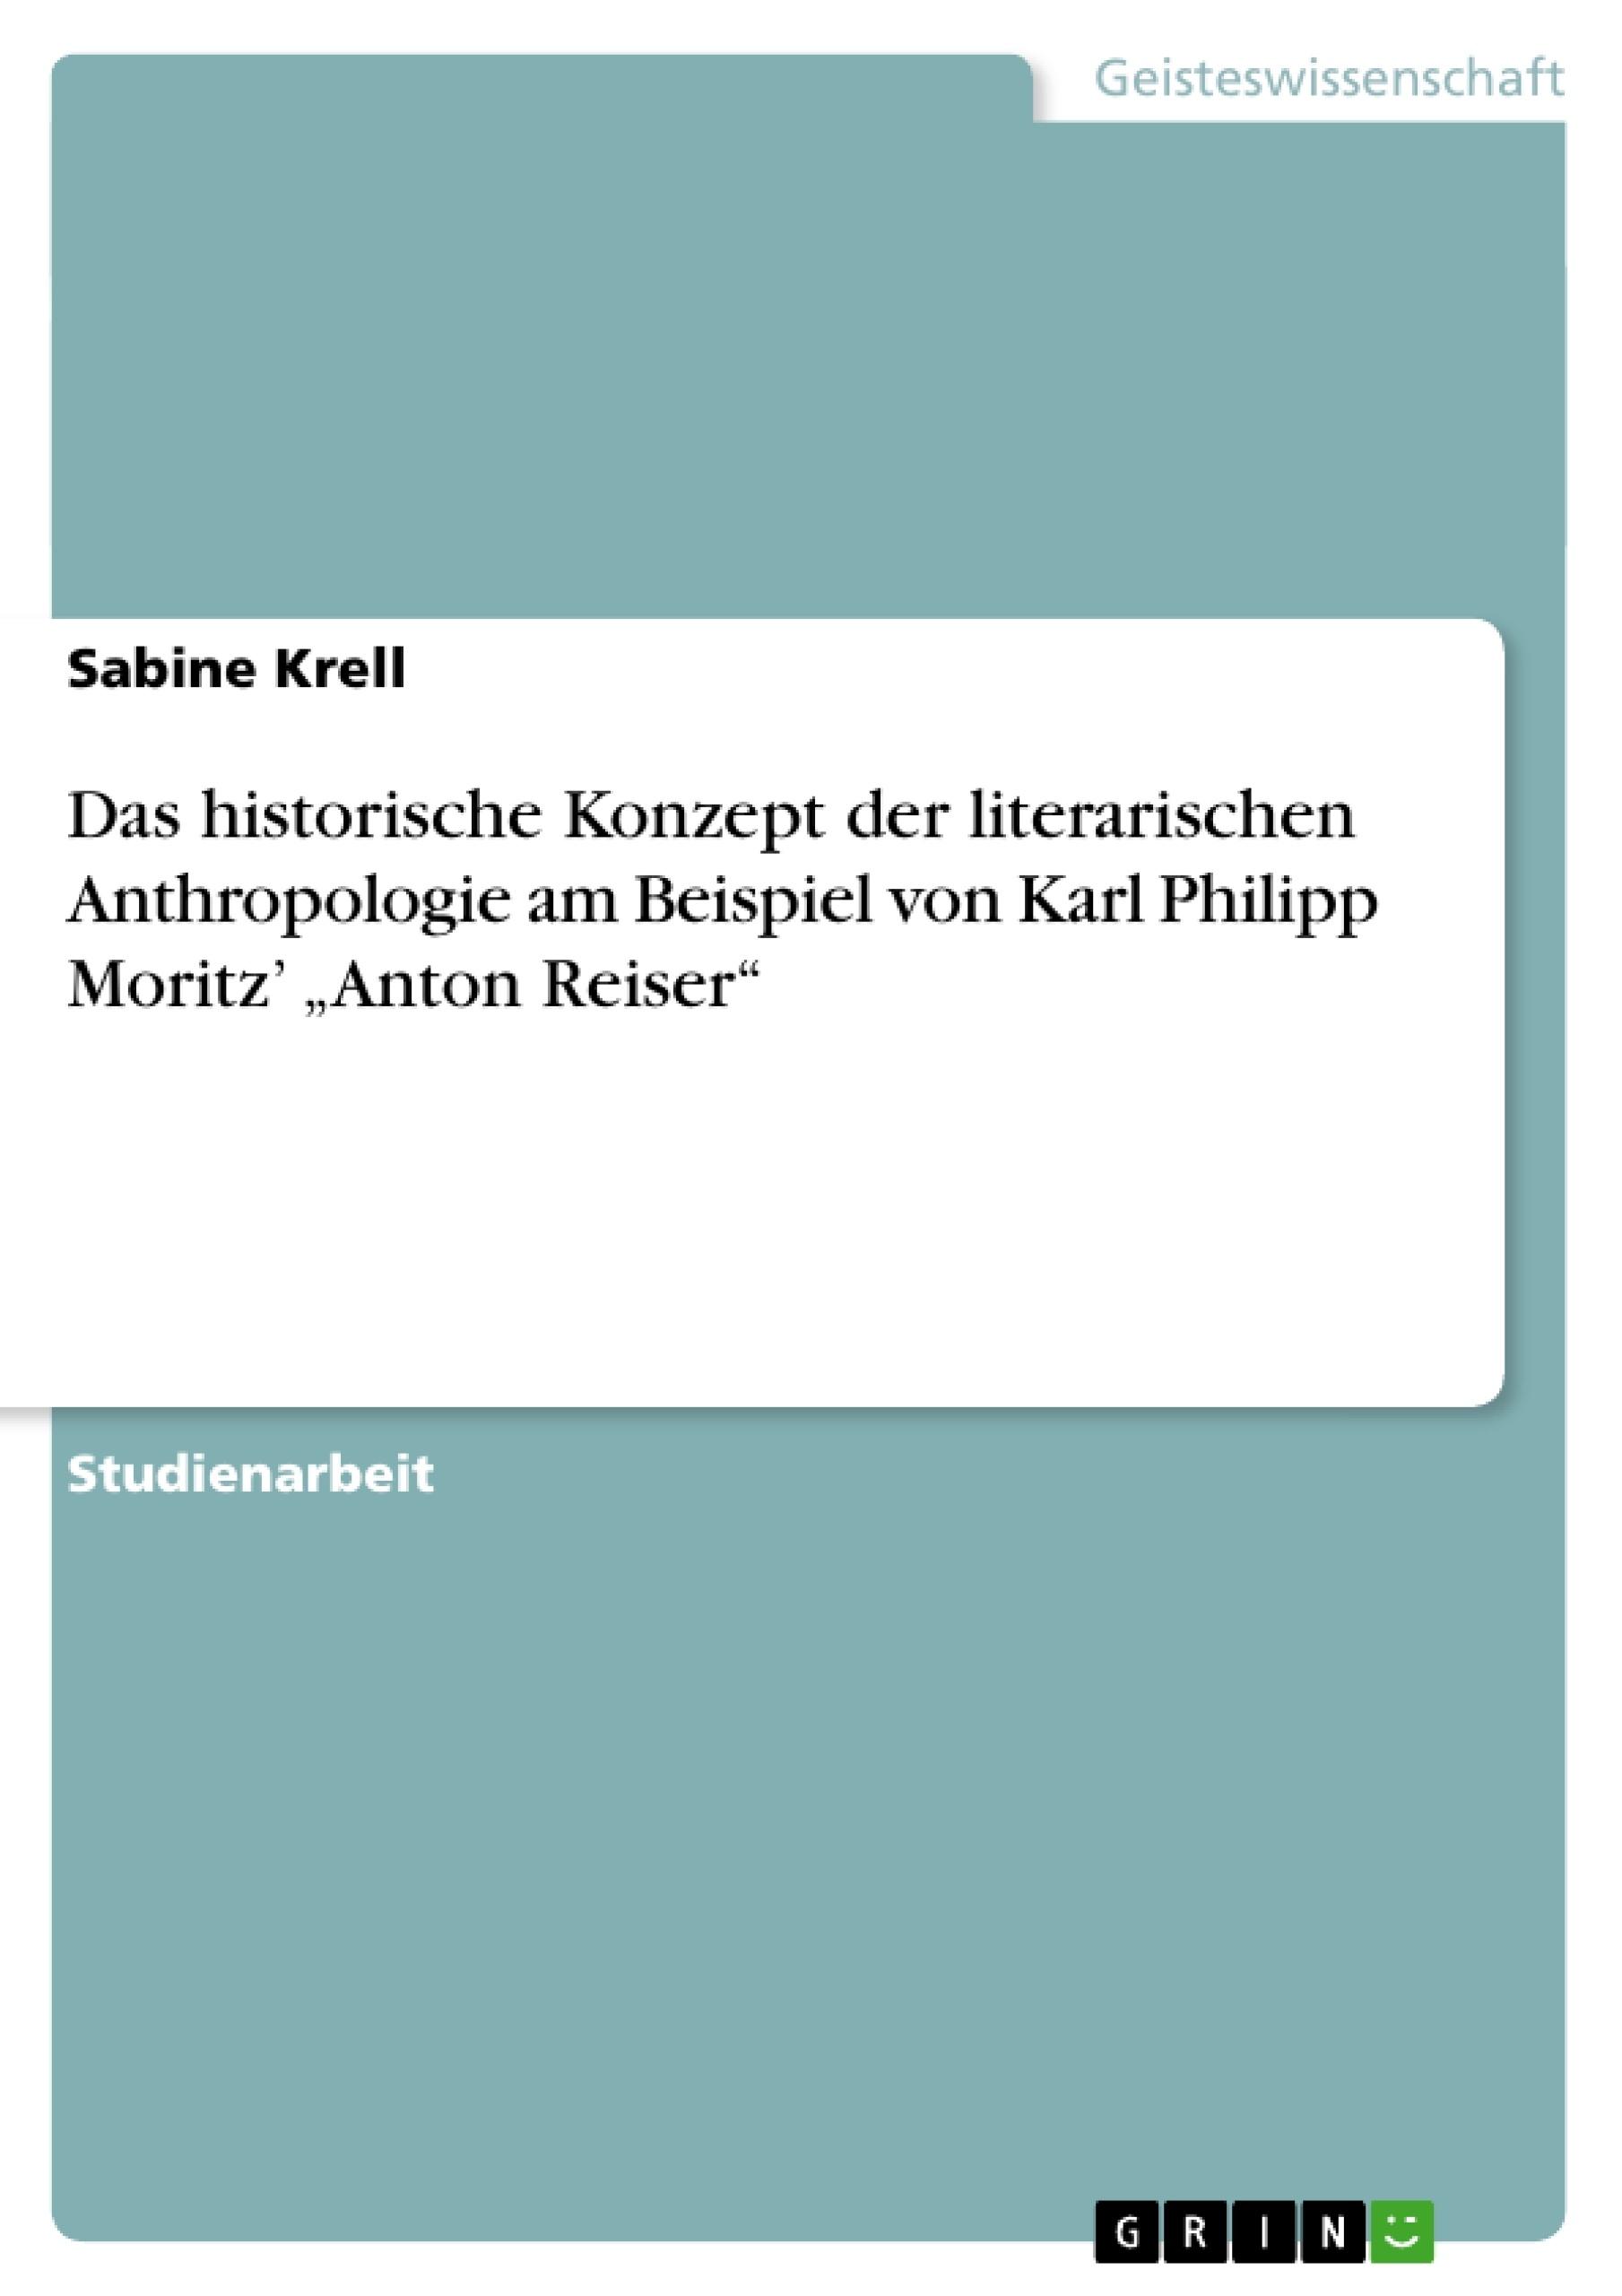 """Titel: Das historische Konzept der literarischen Anthropologie am Beispiel von Karl Philipp Moritz' """"Anton Reiser"""""""